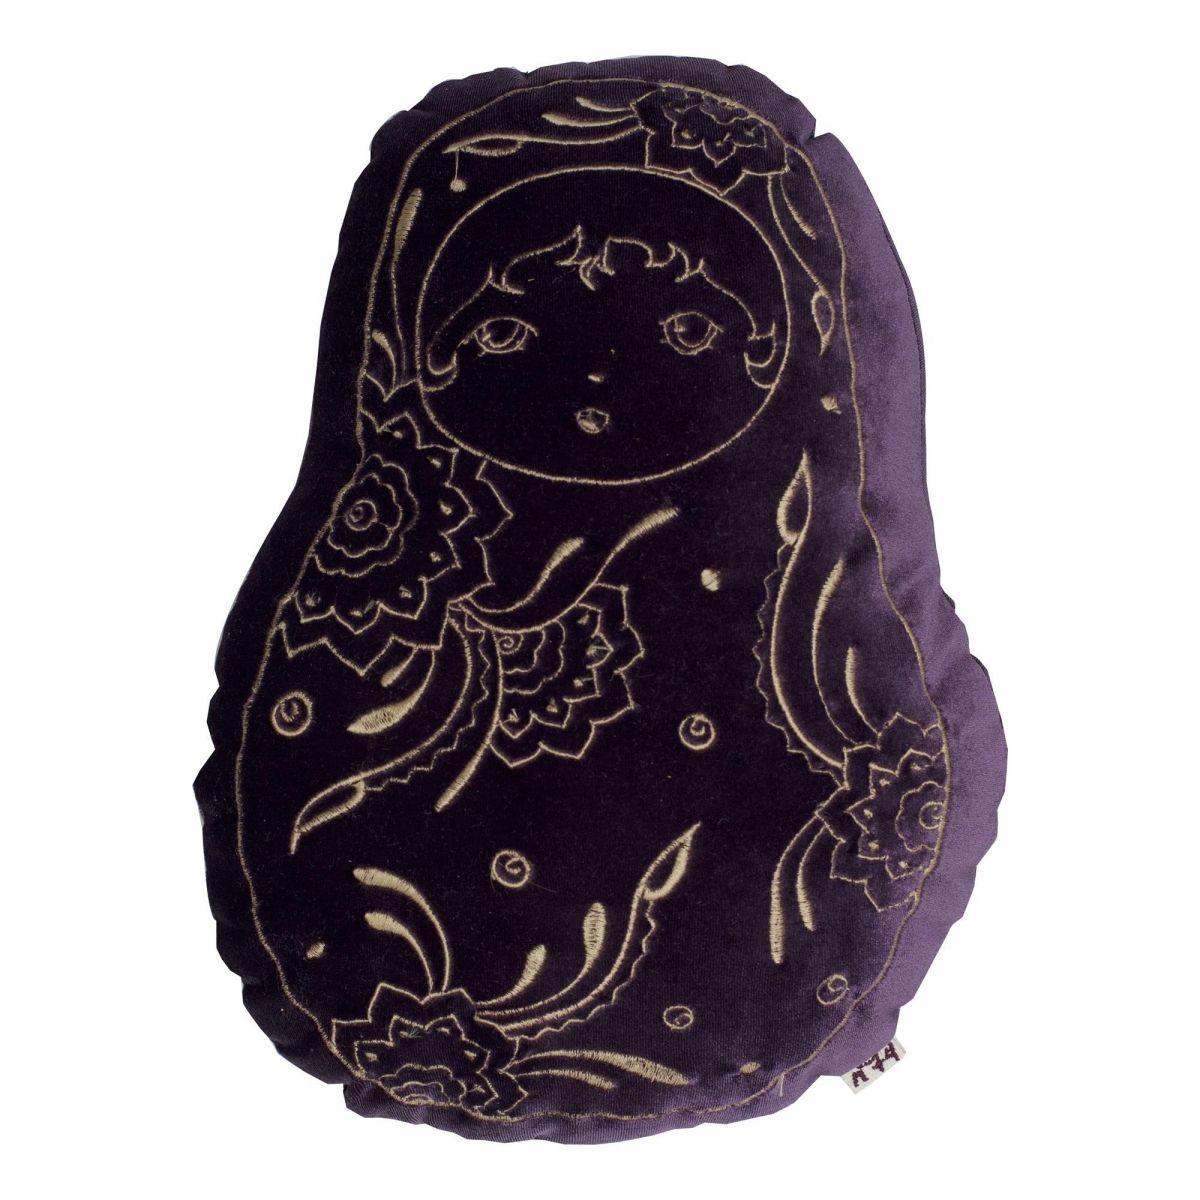 Poduszka Matrioska velvet oberżyna - Numero 74